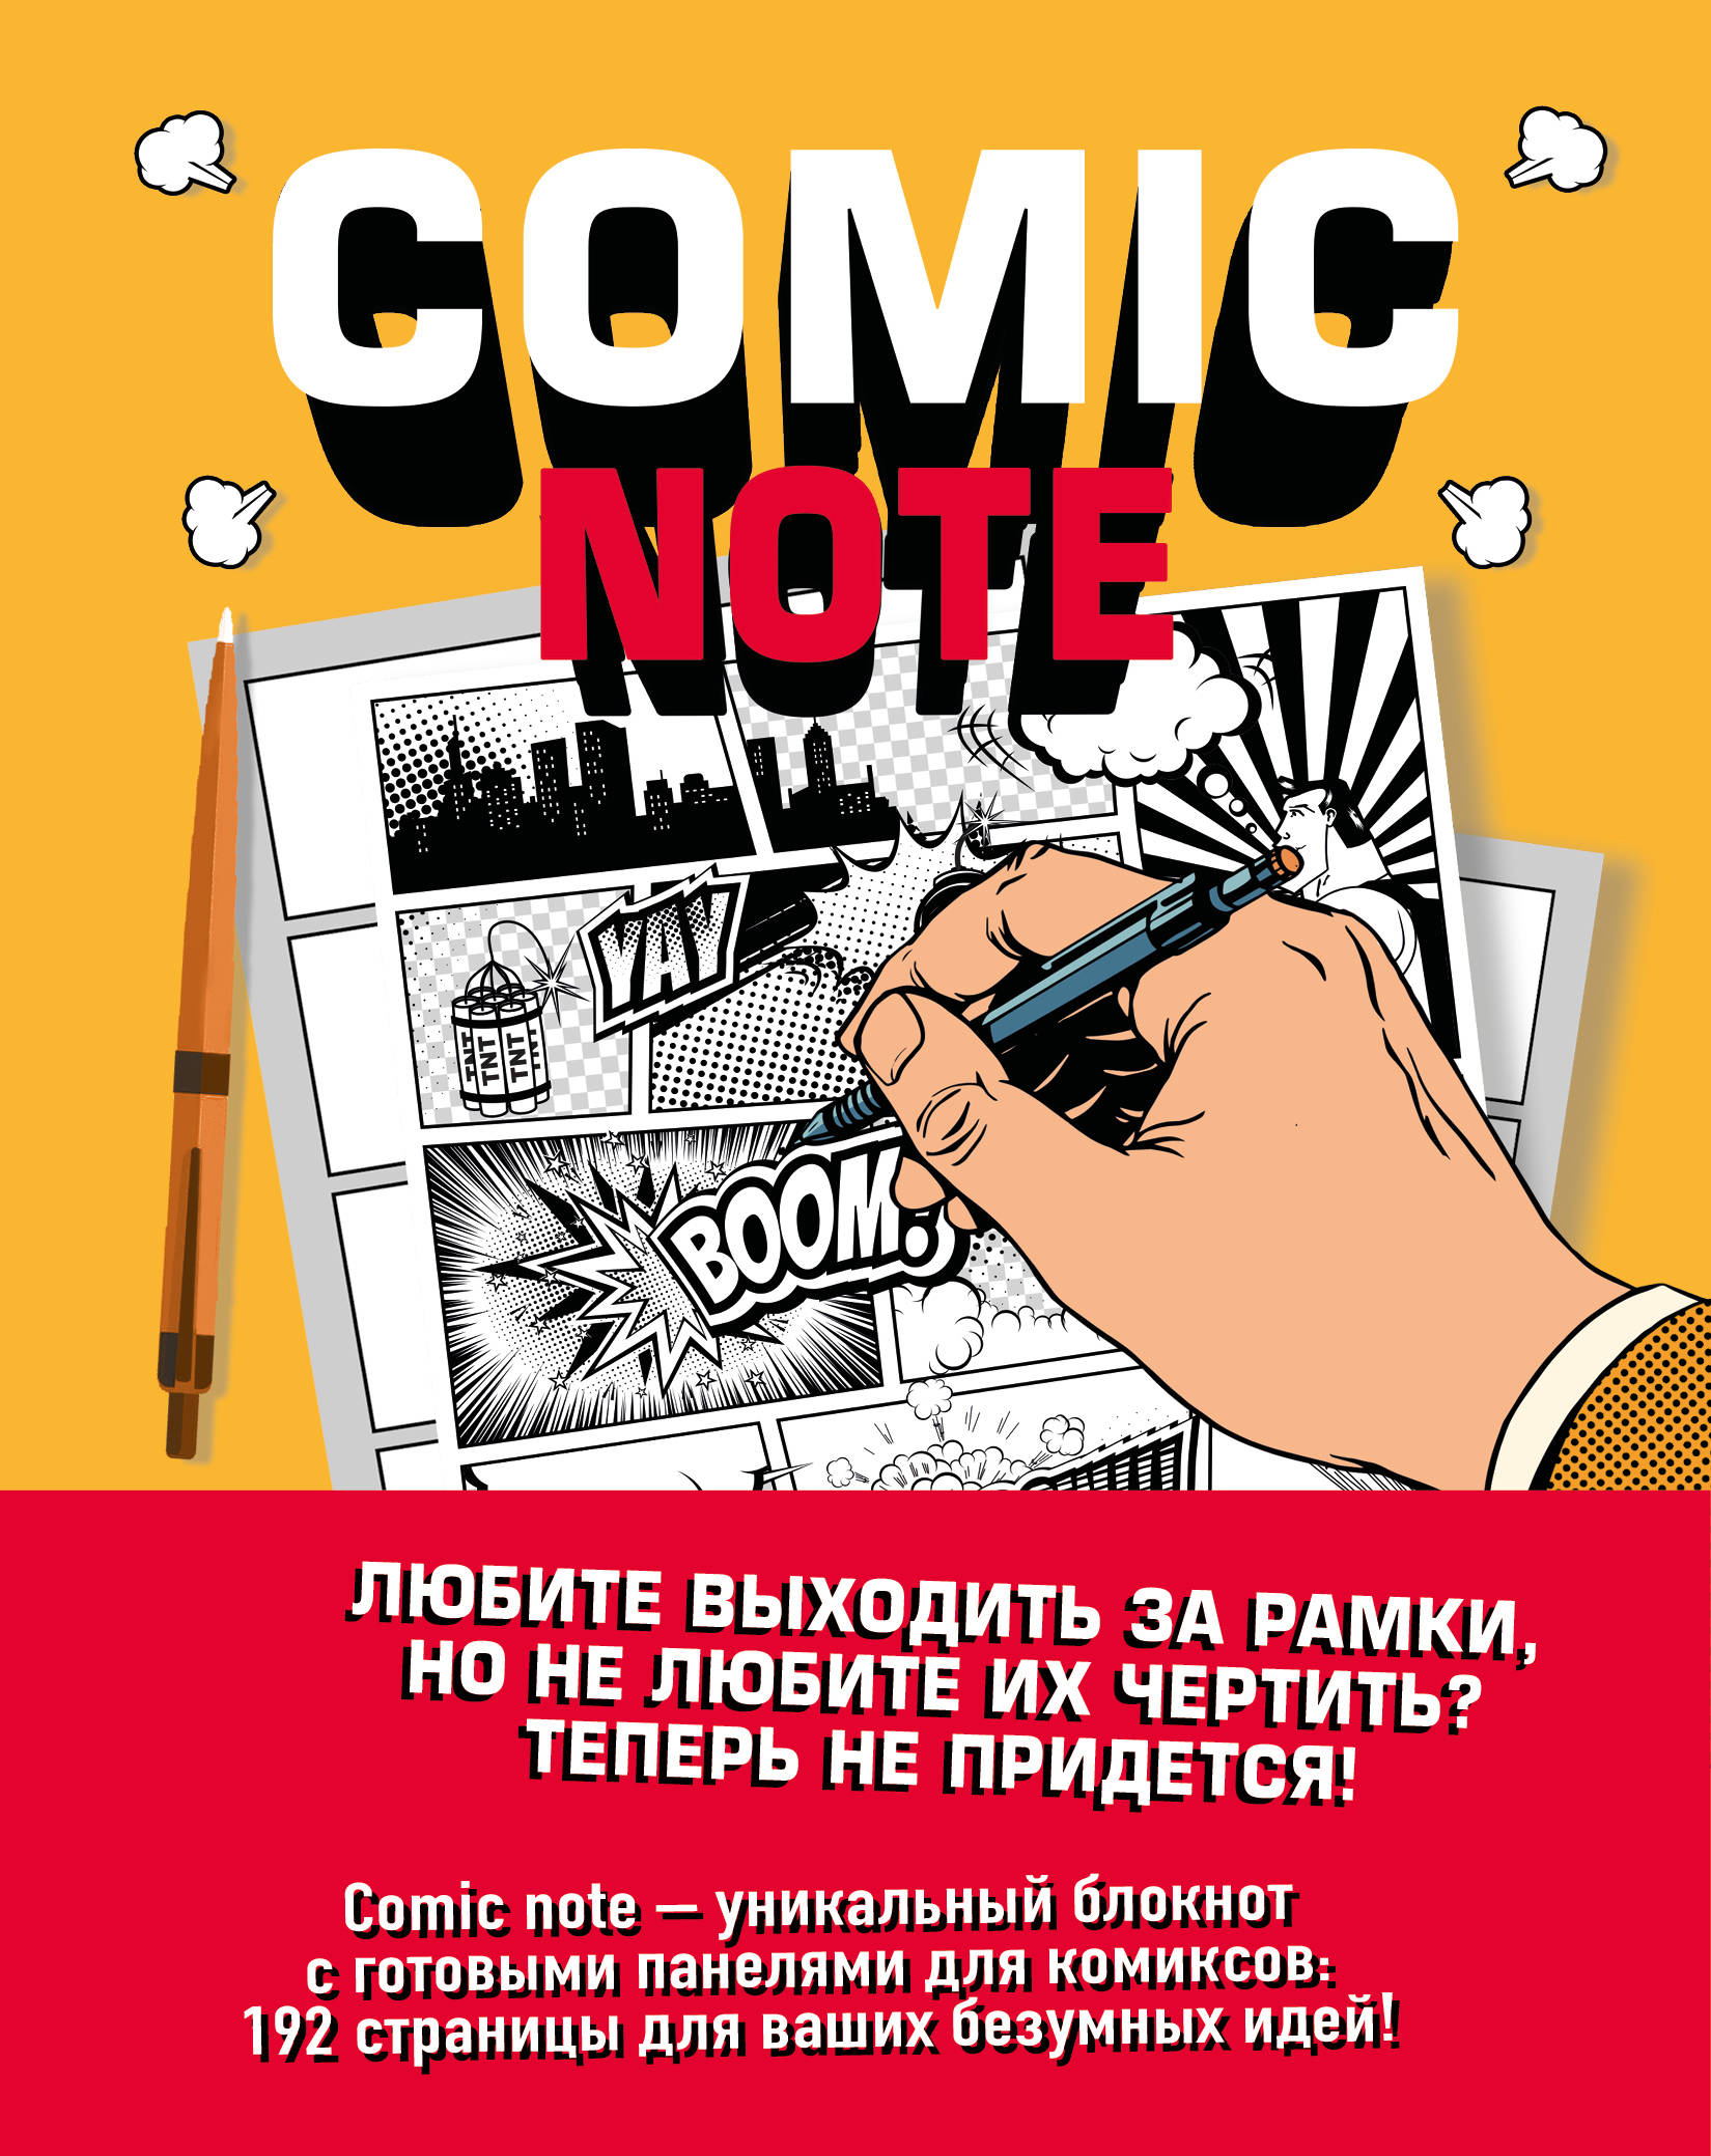 Comic Note. Скетчбук для создания собственного комикса comic note скетчбук для создания собственного комикса